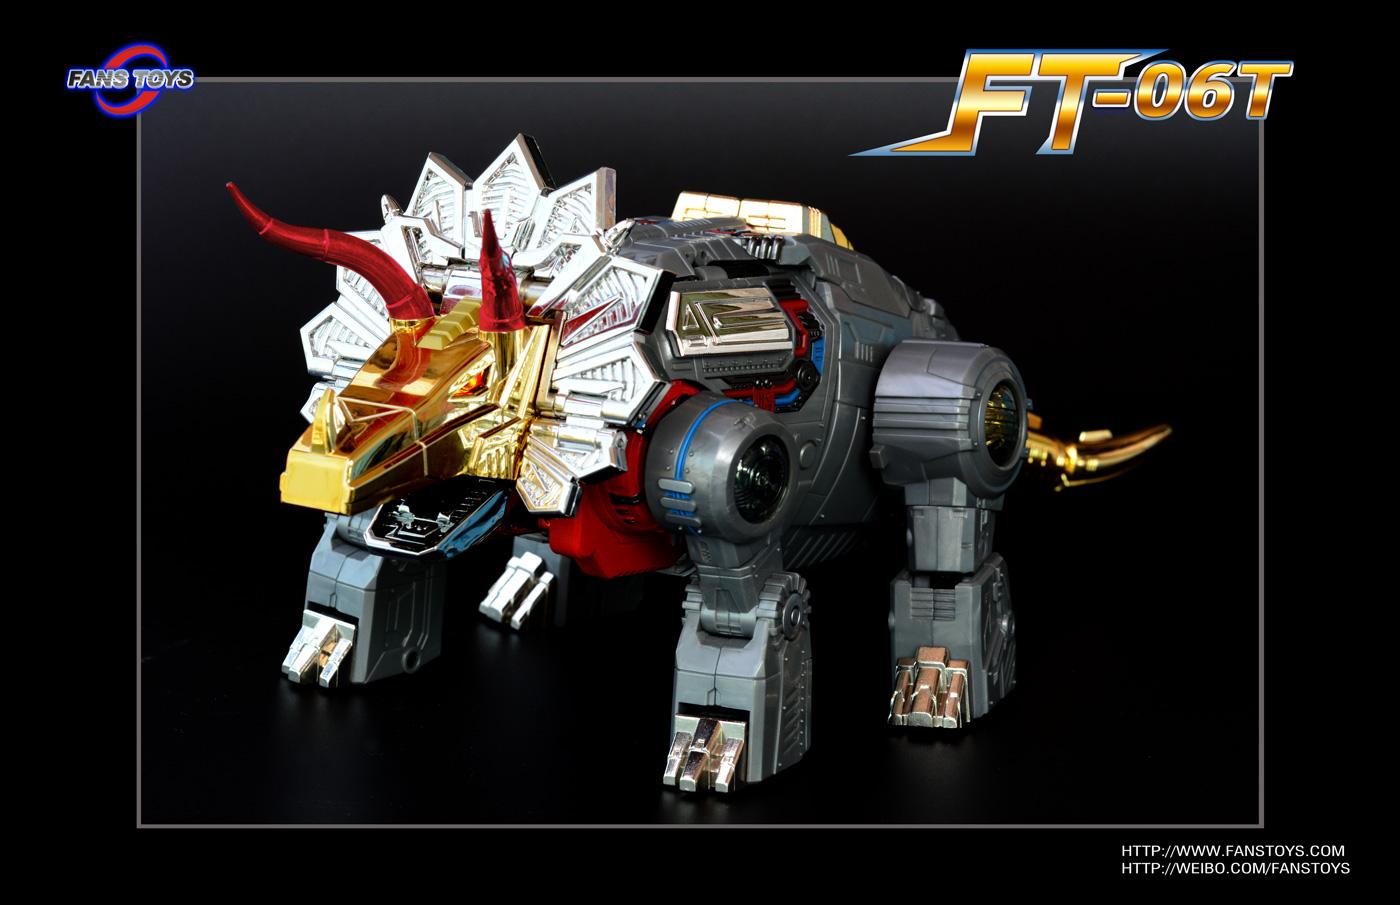 [Fanstoys] Produit Tiers - Dinobots - FT-04 Scoria, FT-05 Soar, FT-06 Sever, FT-07 Stomp, FT-08 Grinder - Page 4 27484455d1418467856-fanstoys-ft-04x-ft-04t-scoria-toy-version-ft04t-_1418484041